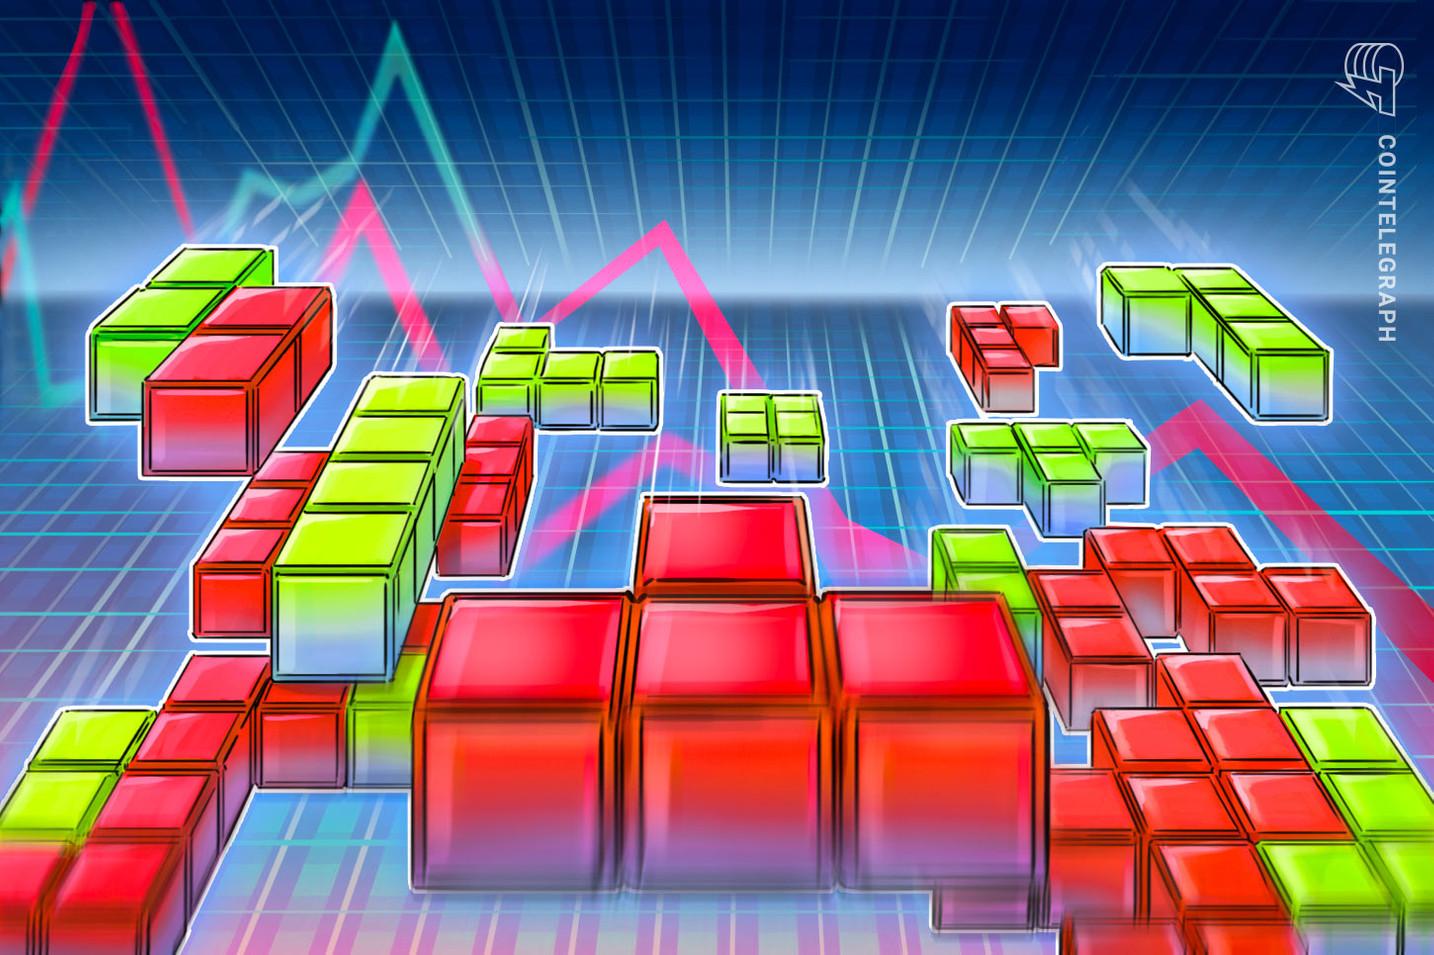 Criptomercados tienen señales mixtas, Ethereum supera a Ripple por capitalización de mercado